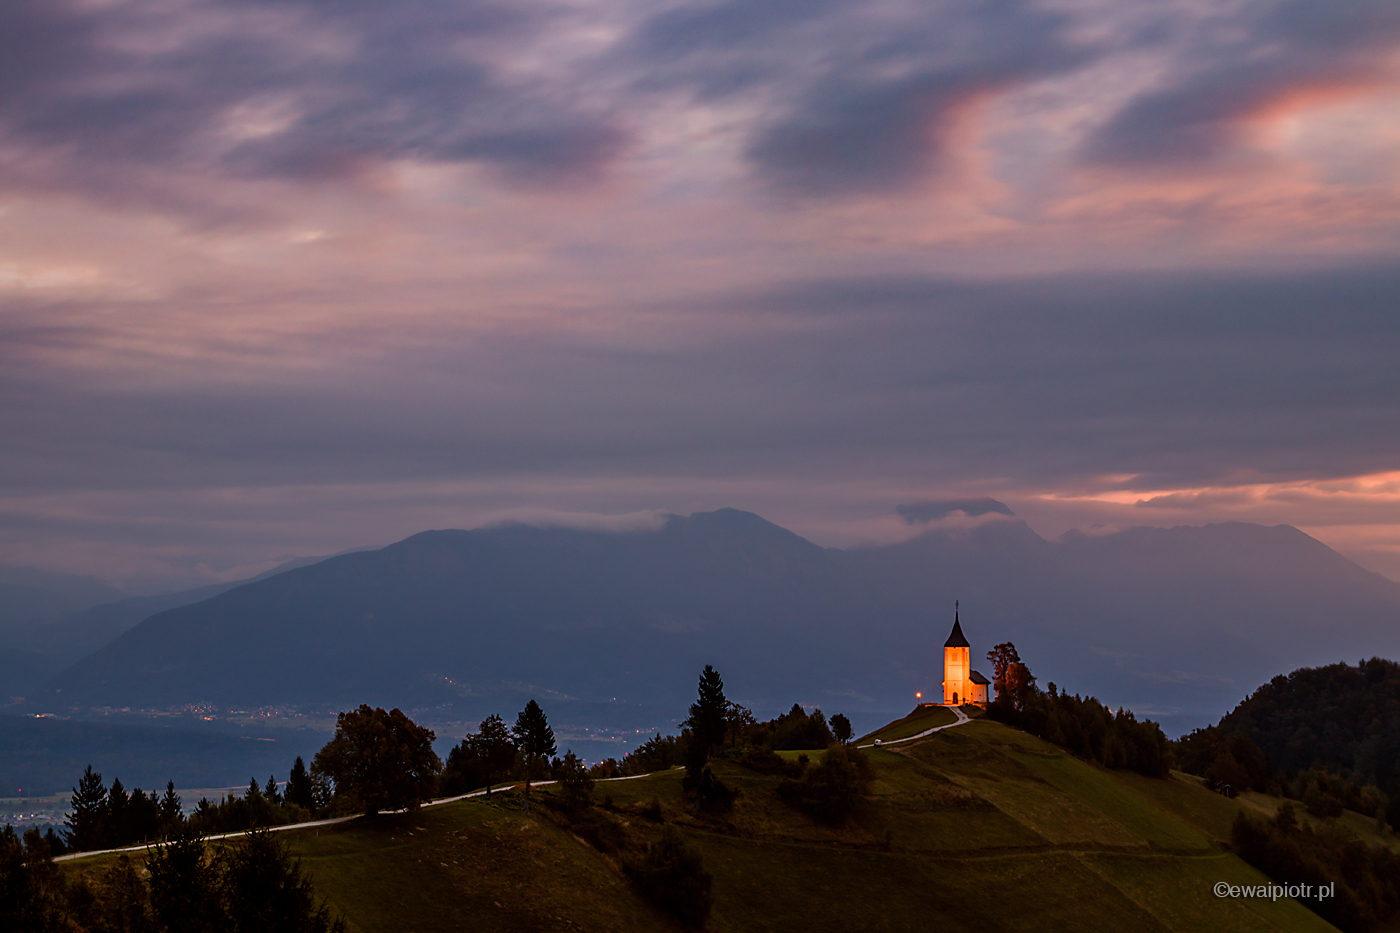 Kościół Jamnik i niebieska godzina, Słowenia, warsztaty fotograficzne